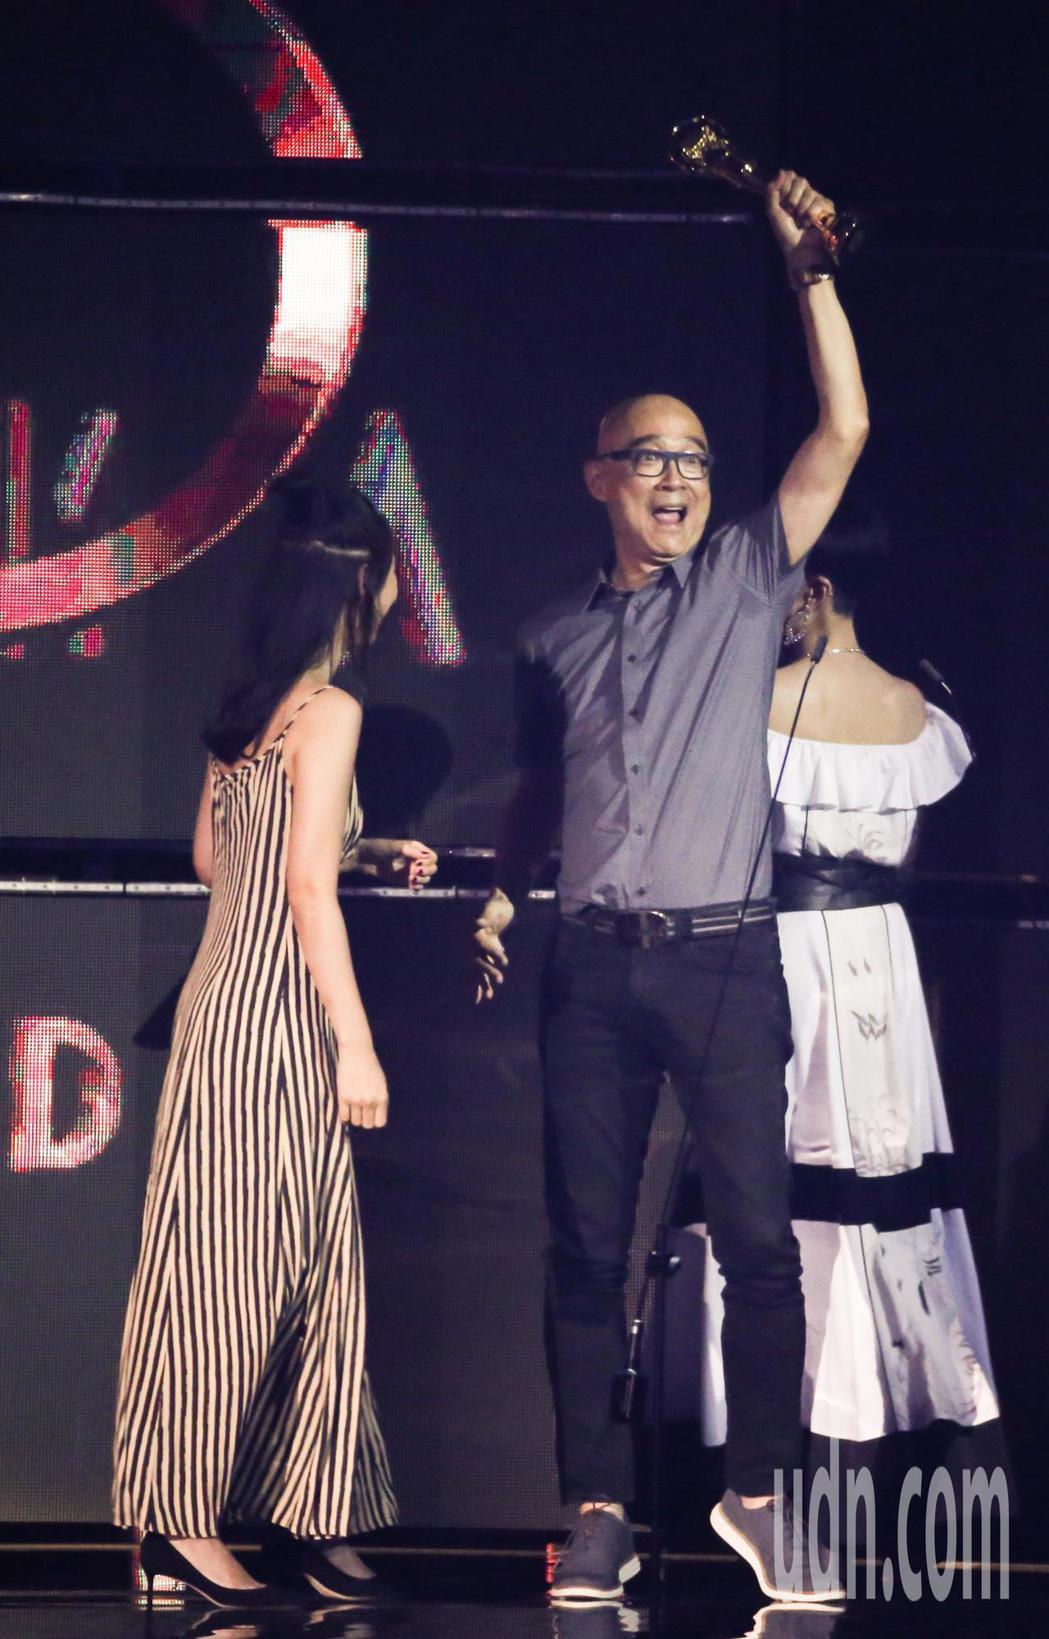 第30屆金曲獎,評審團獎由王若琳獲得。記者林伯東/攝影